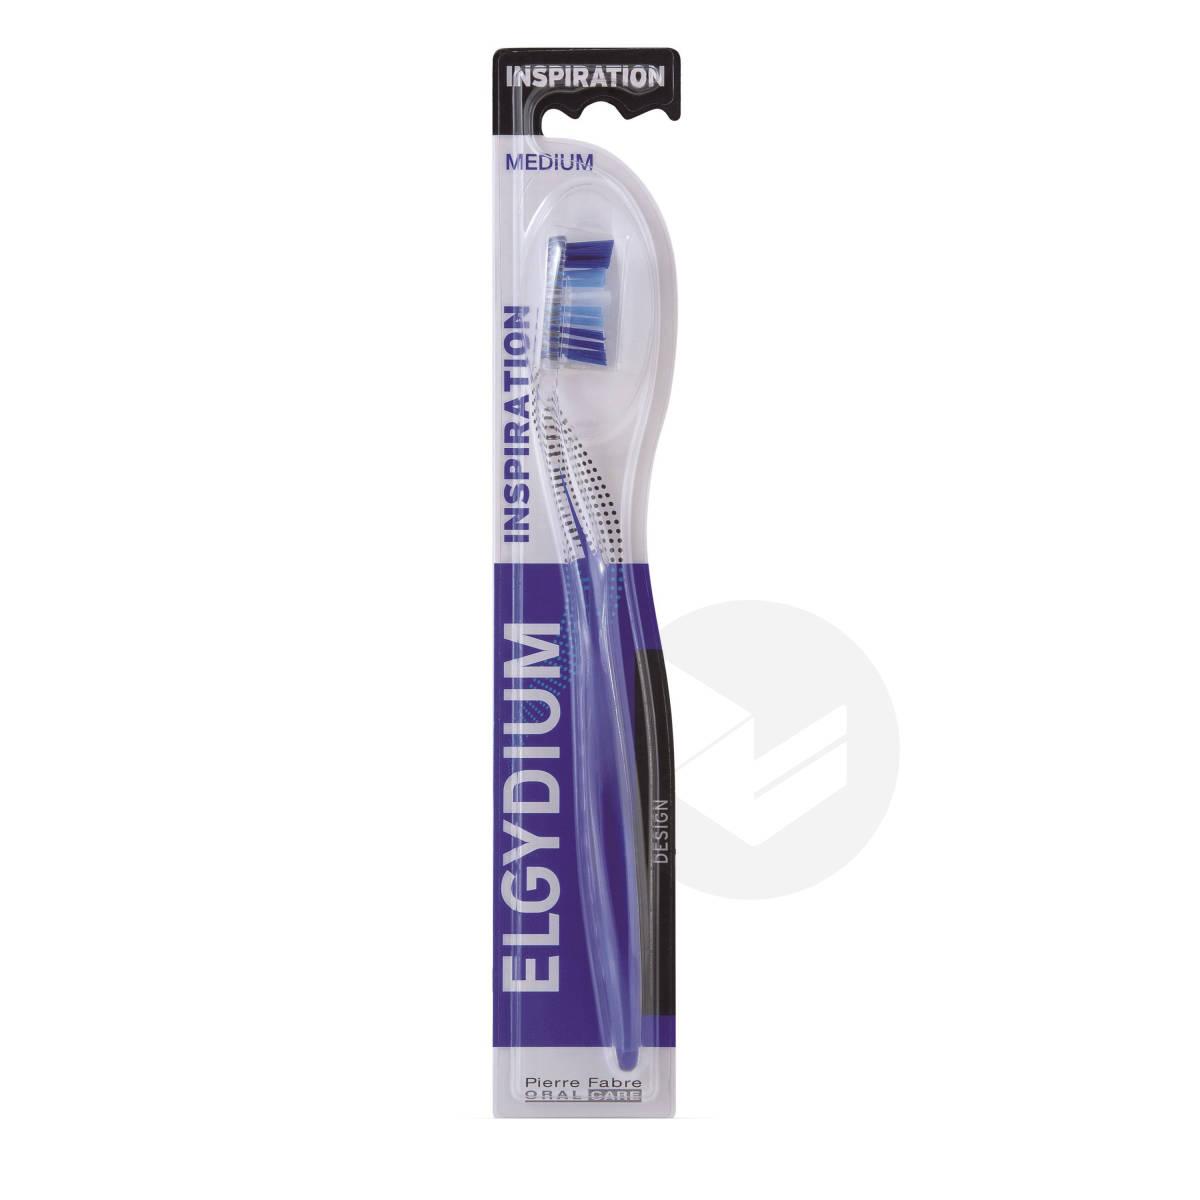 Brosse à dents Inspiration Médium